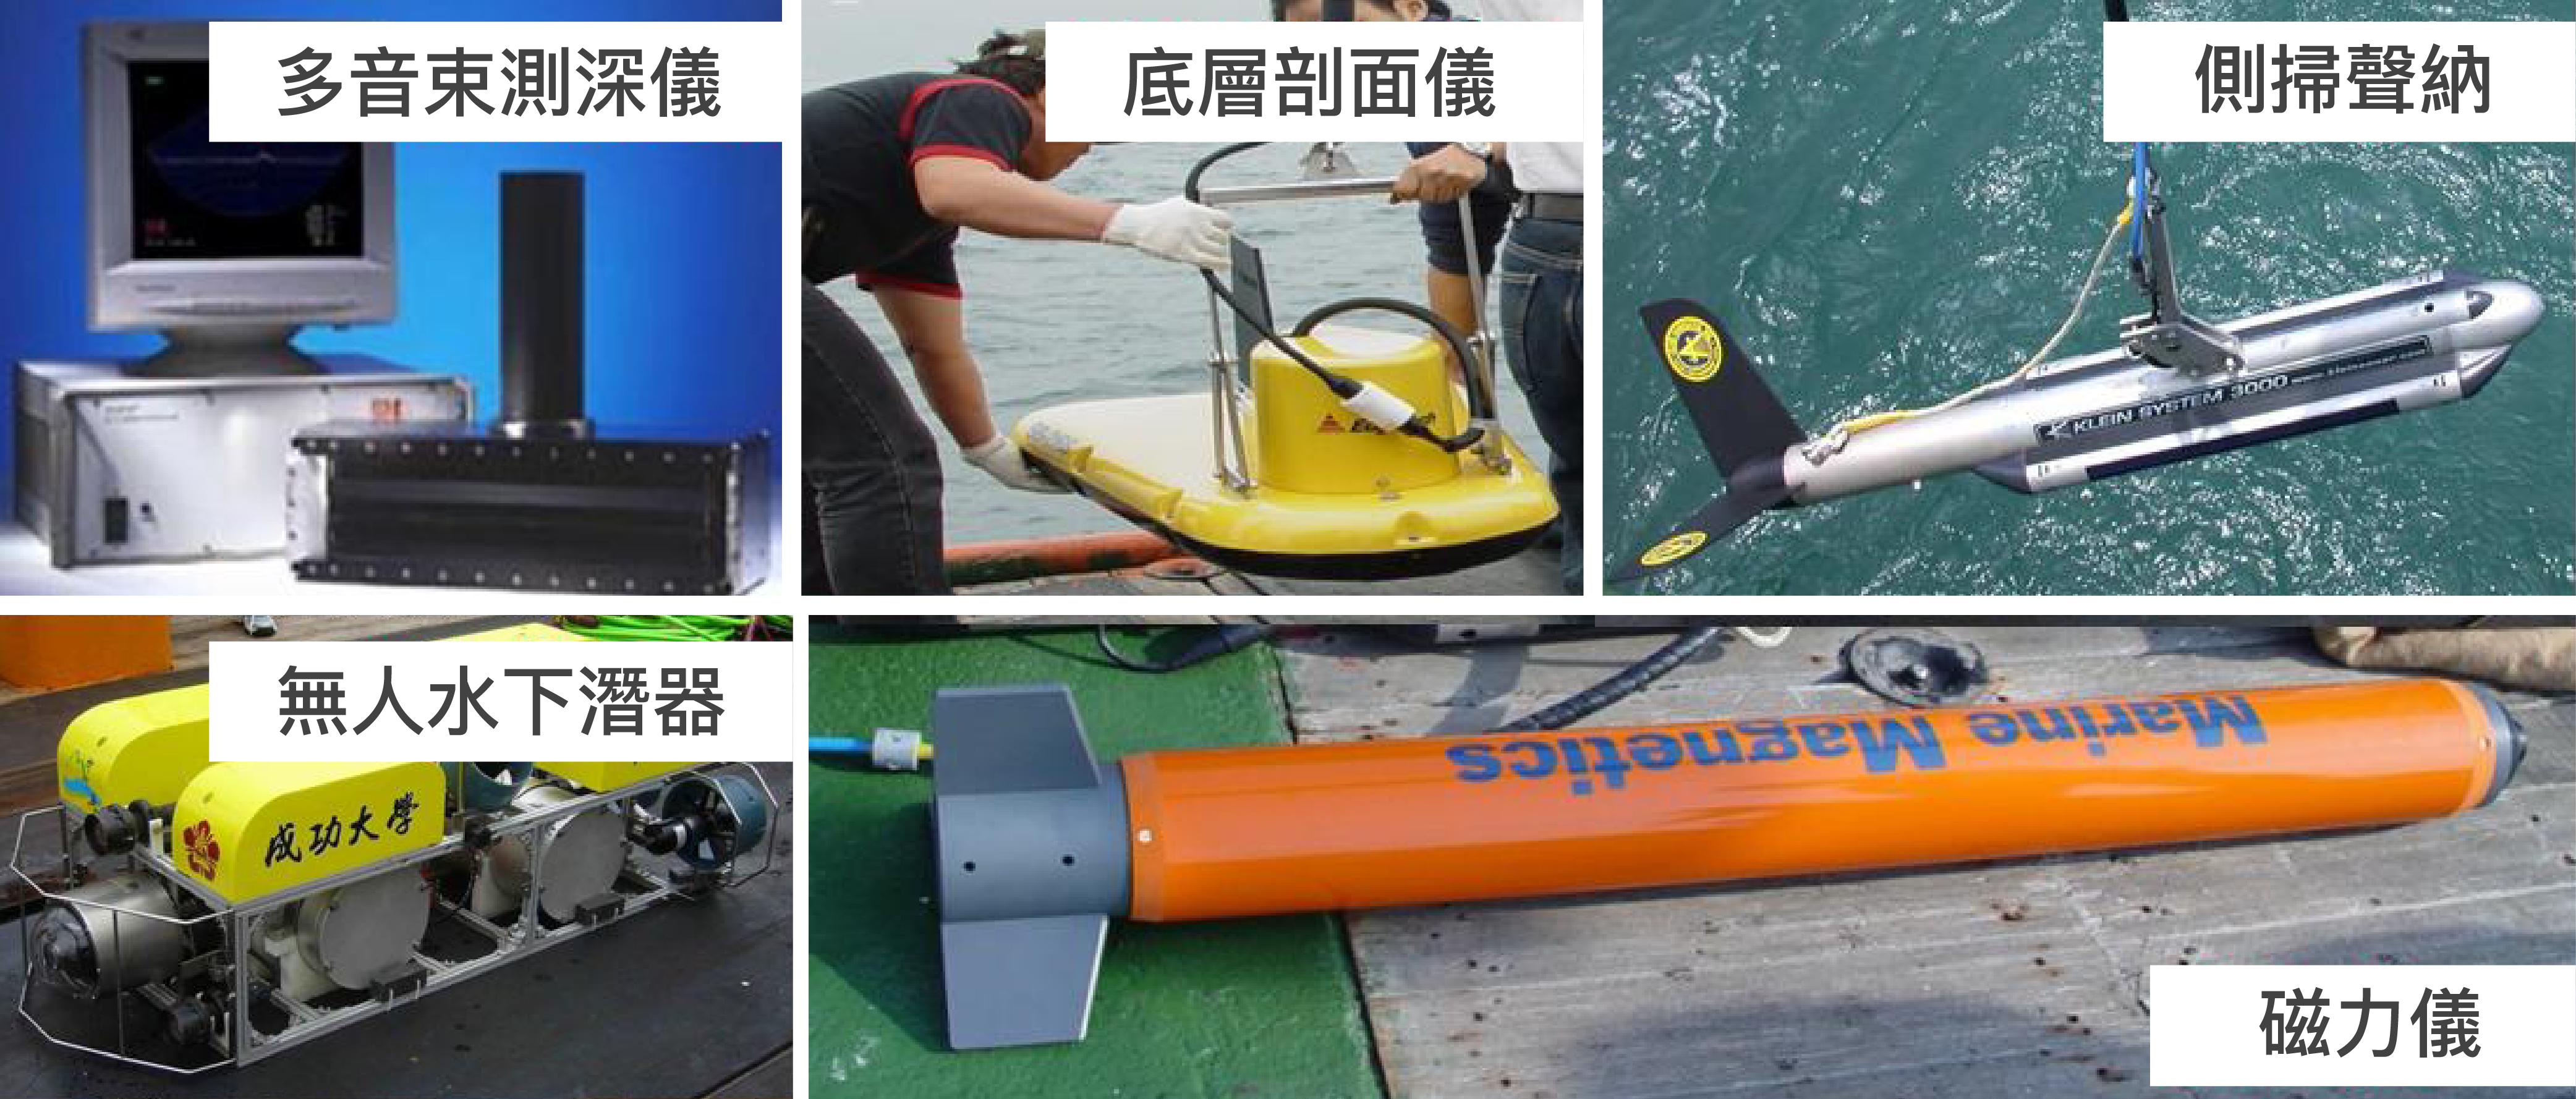 水下考古隊使用的各種水中探測儀器。圖│臧振華提供